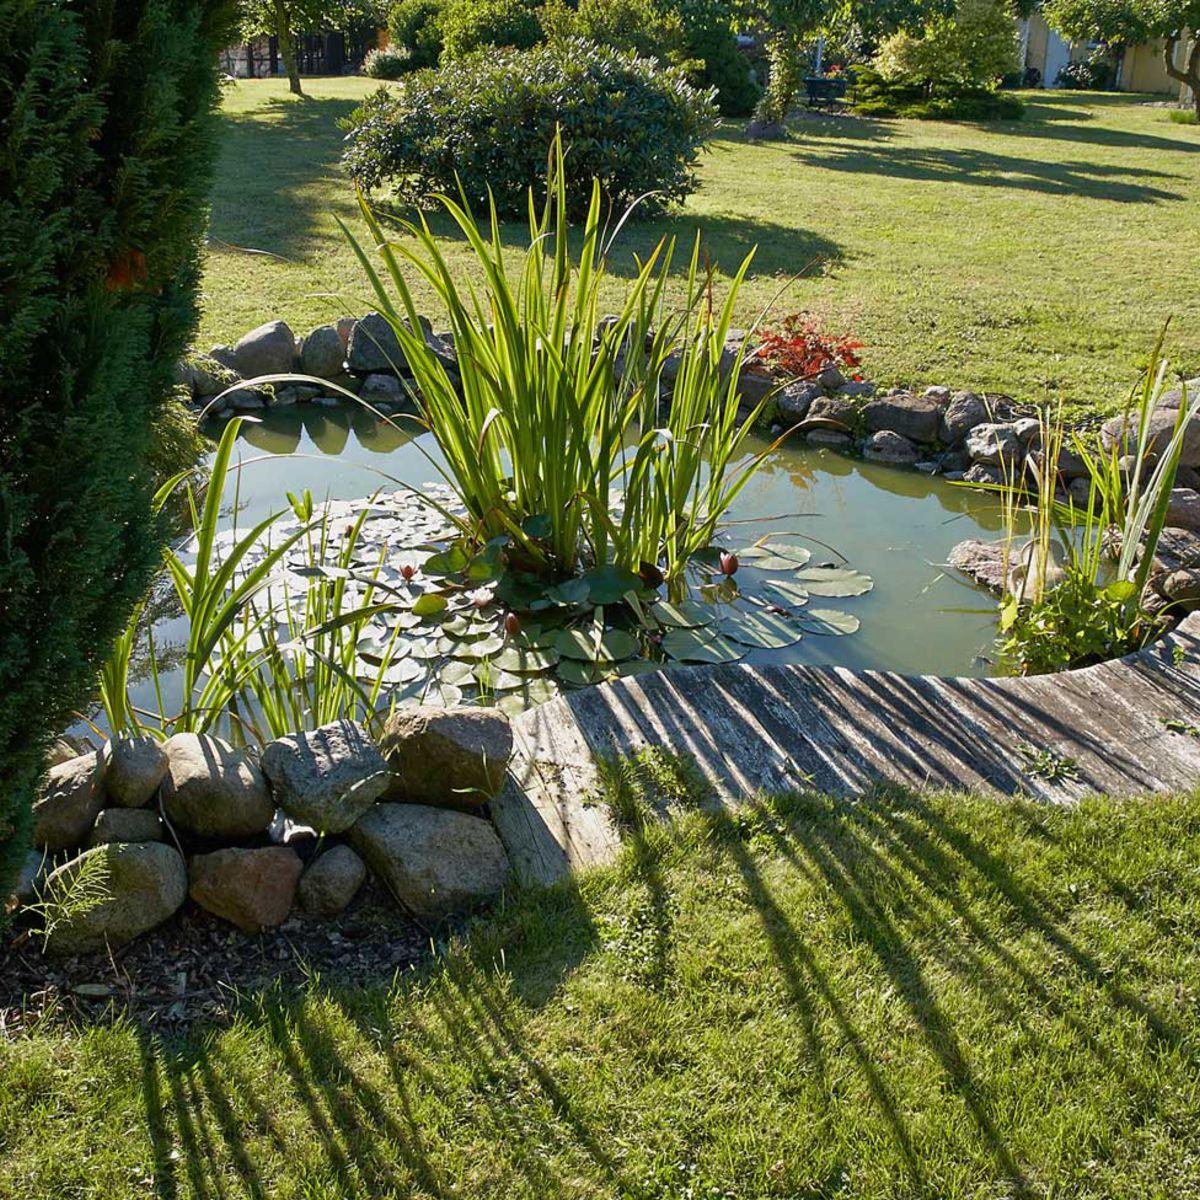 Bassin De Jardin Préformé, Hors Sol… On Plonge : Femme ... tout Petit Bassin Pour Jardin